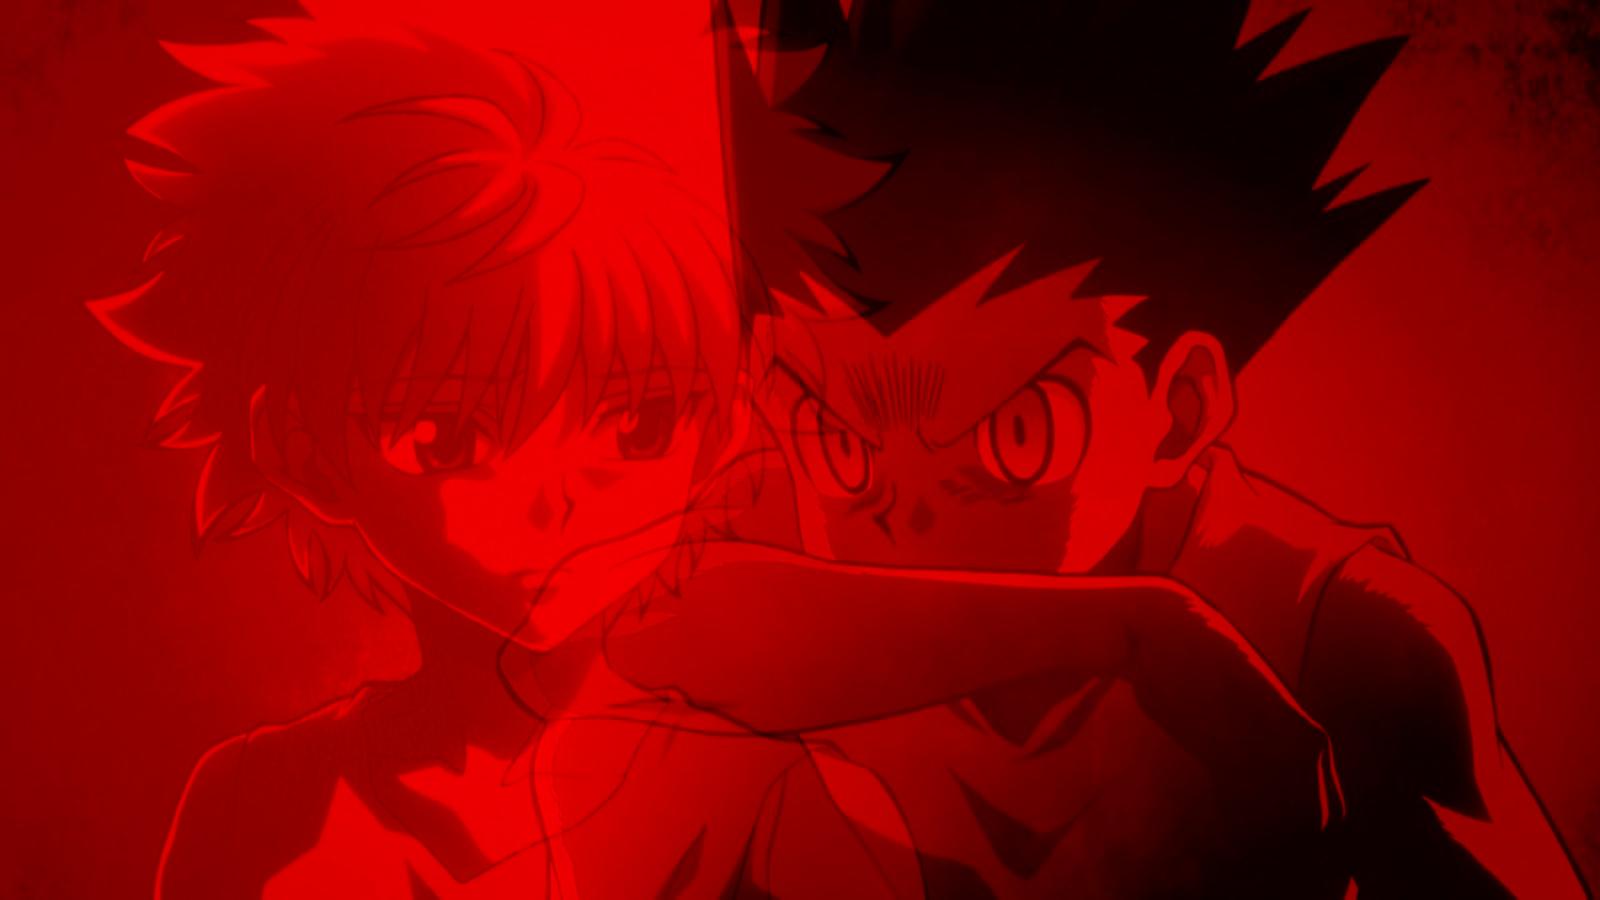 Killua X Gon Blood Red Hunter X Hunter Wallpaper 36505048